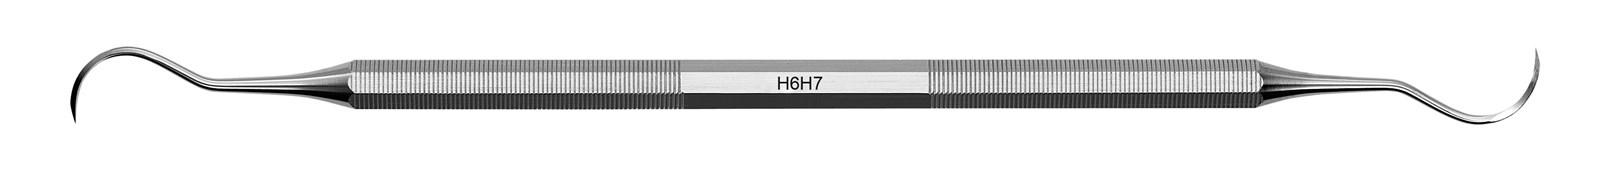 Scaler univerzální - H6H7, ADEP světle modrý